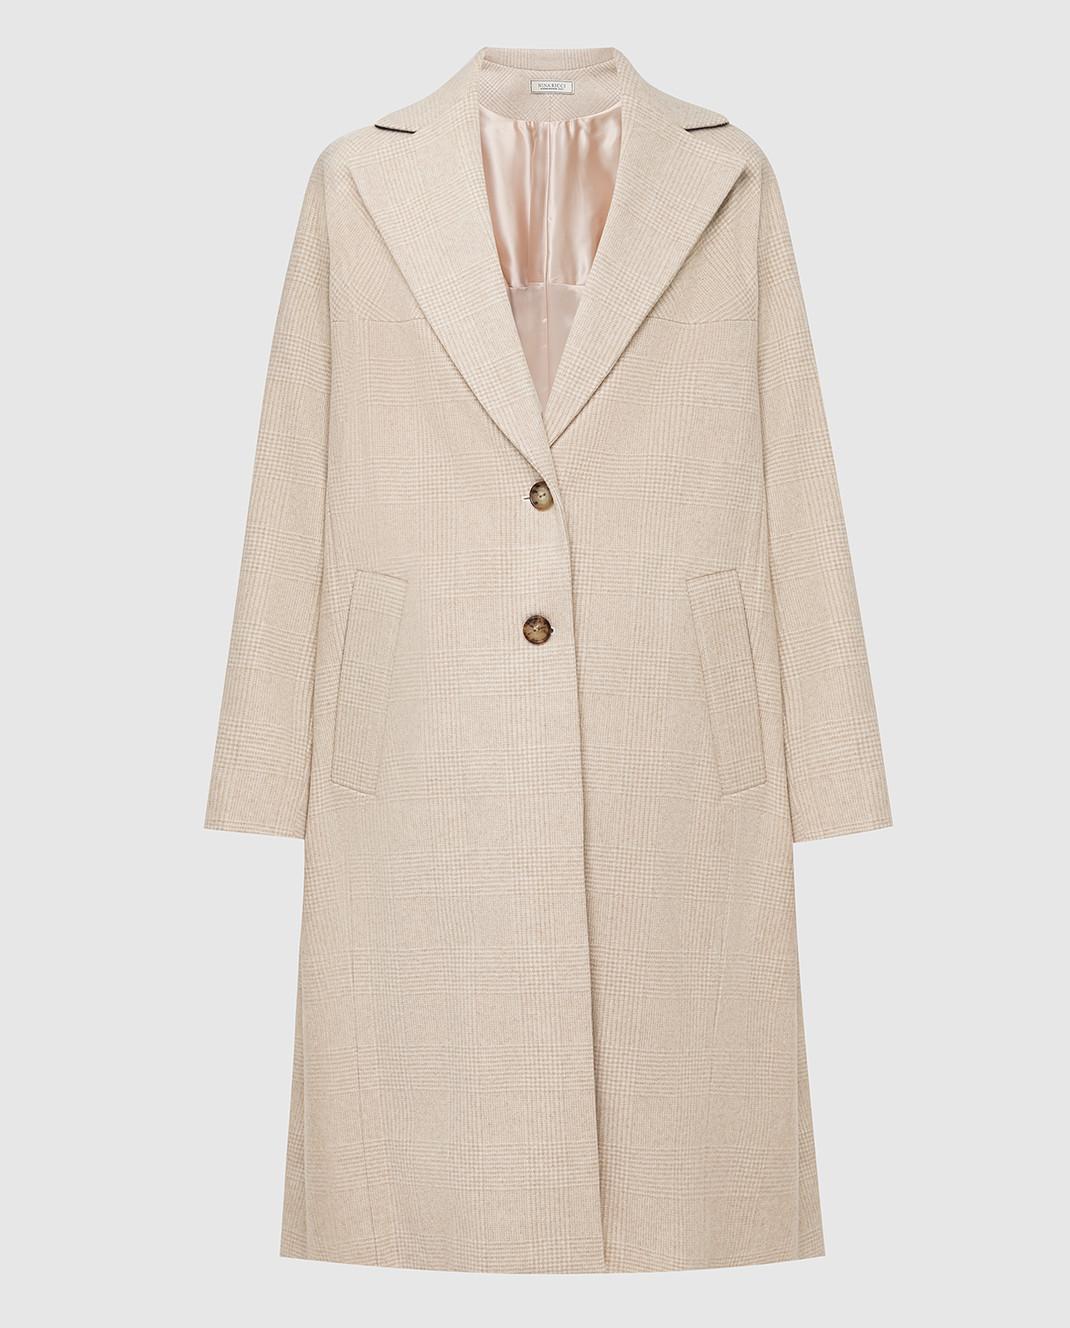 NINA RICCI Светло-бежевое пальто из шерсти изображение 1